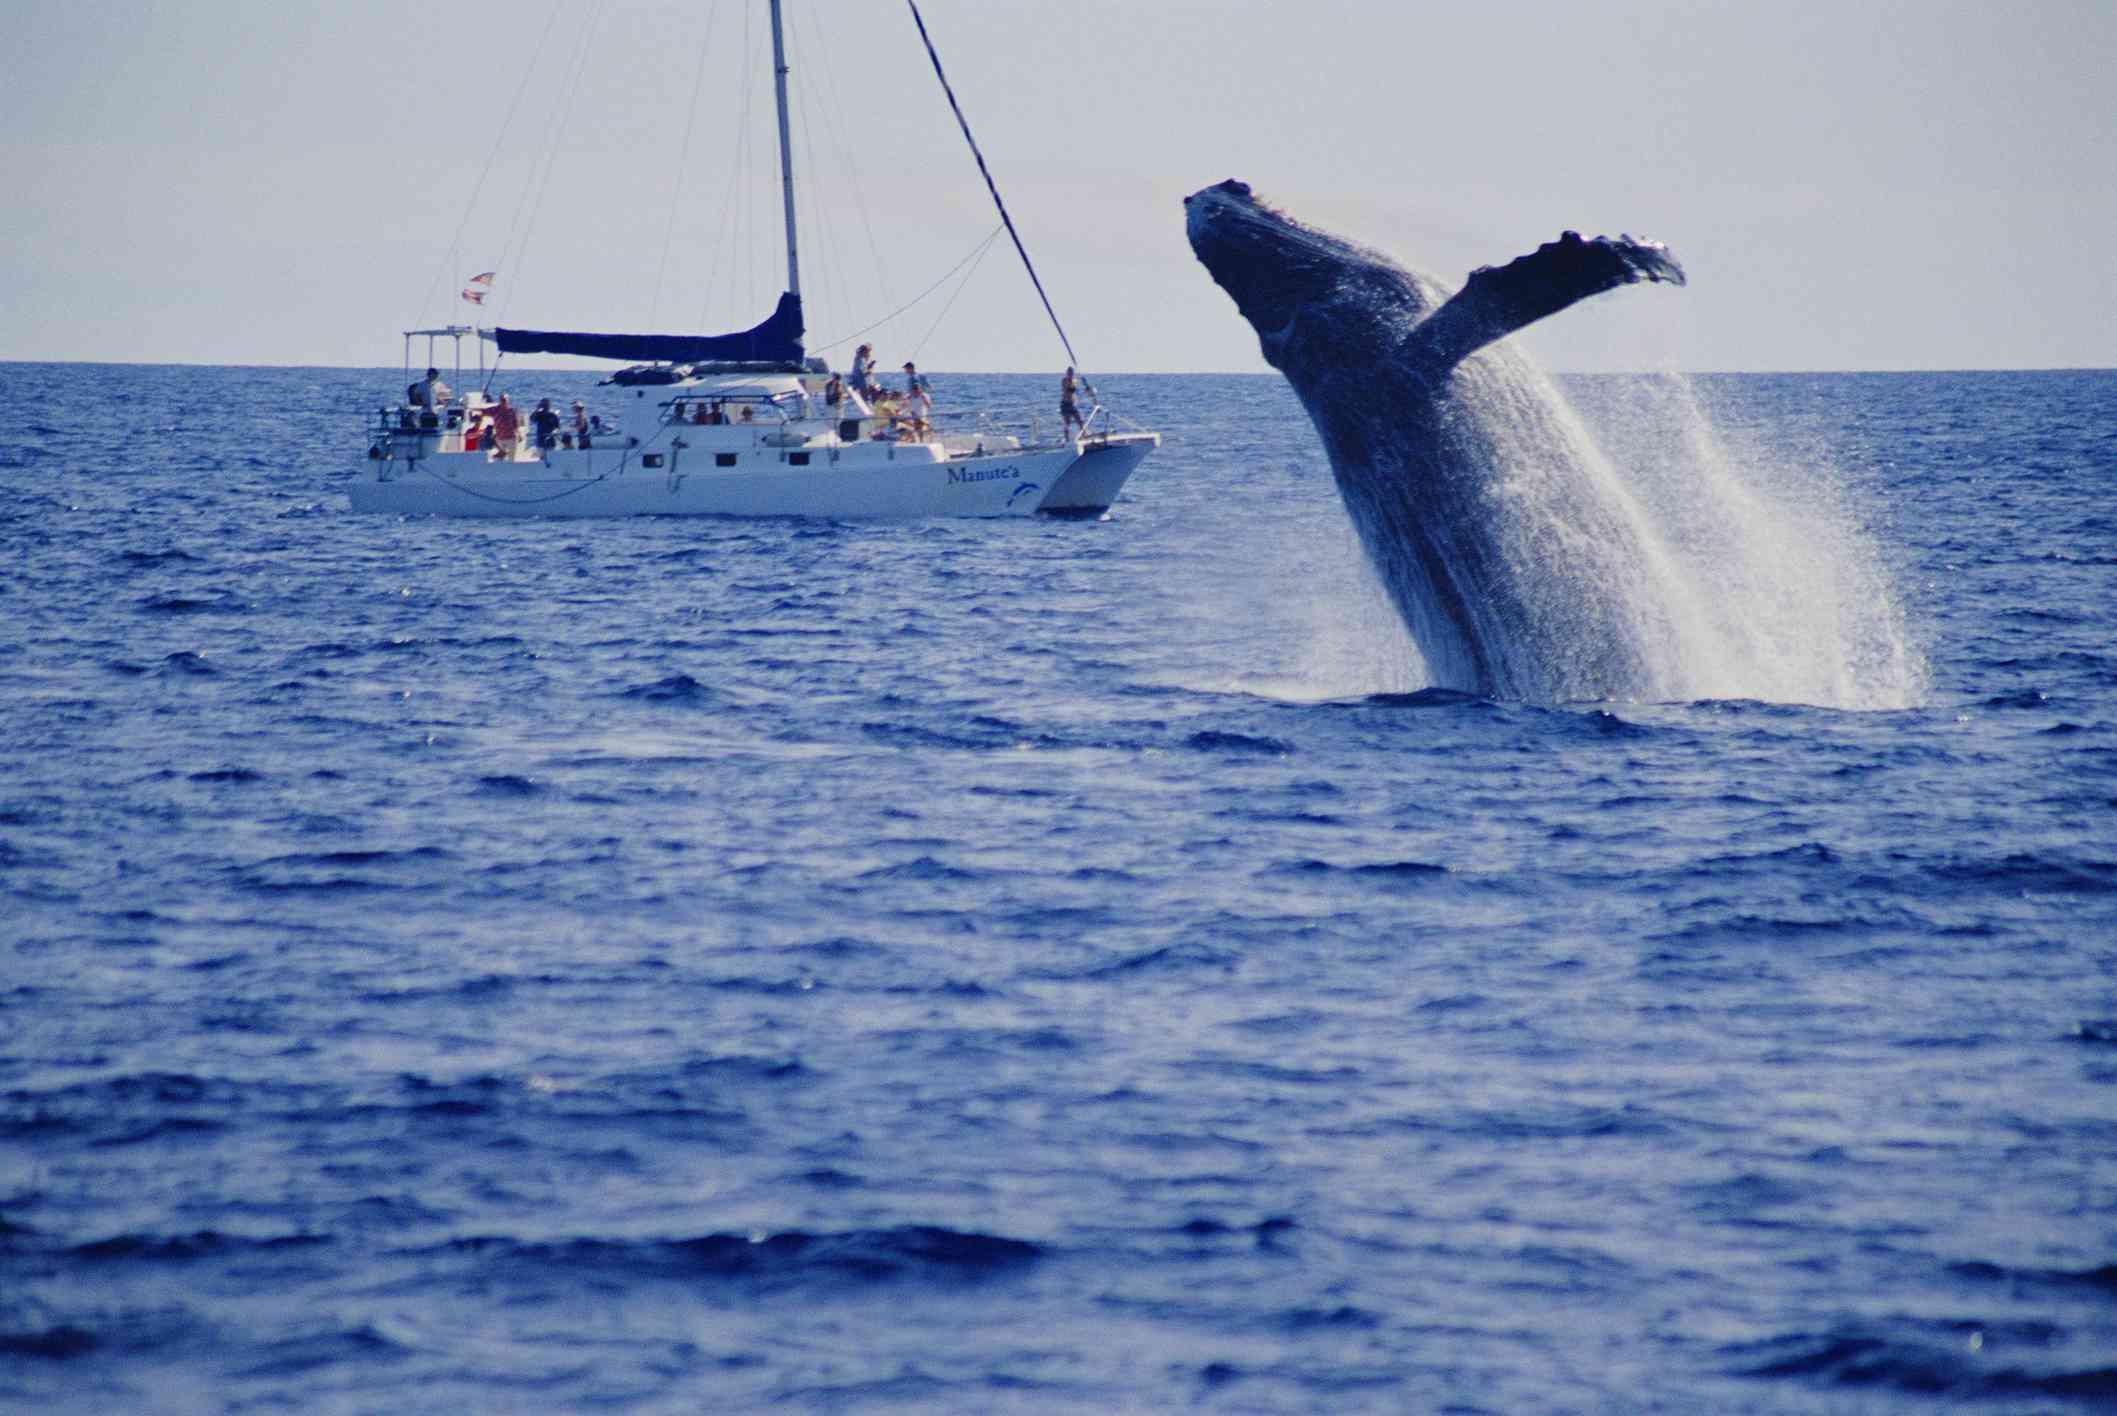 Maui, Canal Lanai, vista de la violación de la ballena con el fondo del barco de observación de ballenas (Megaptera novaeangliae)